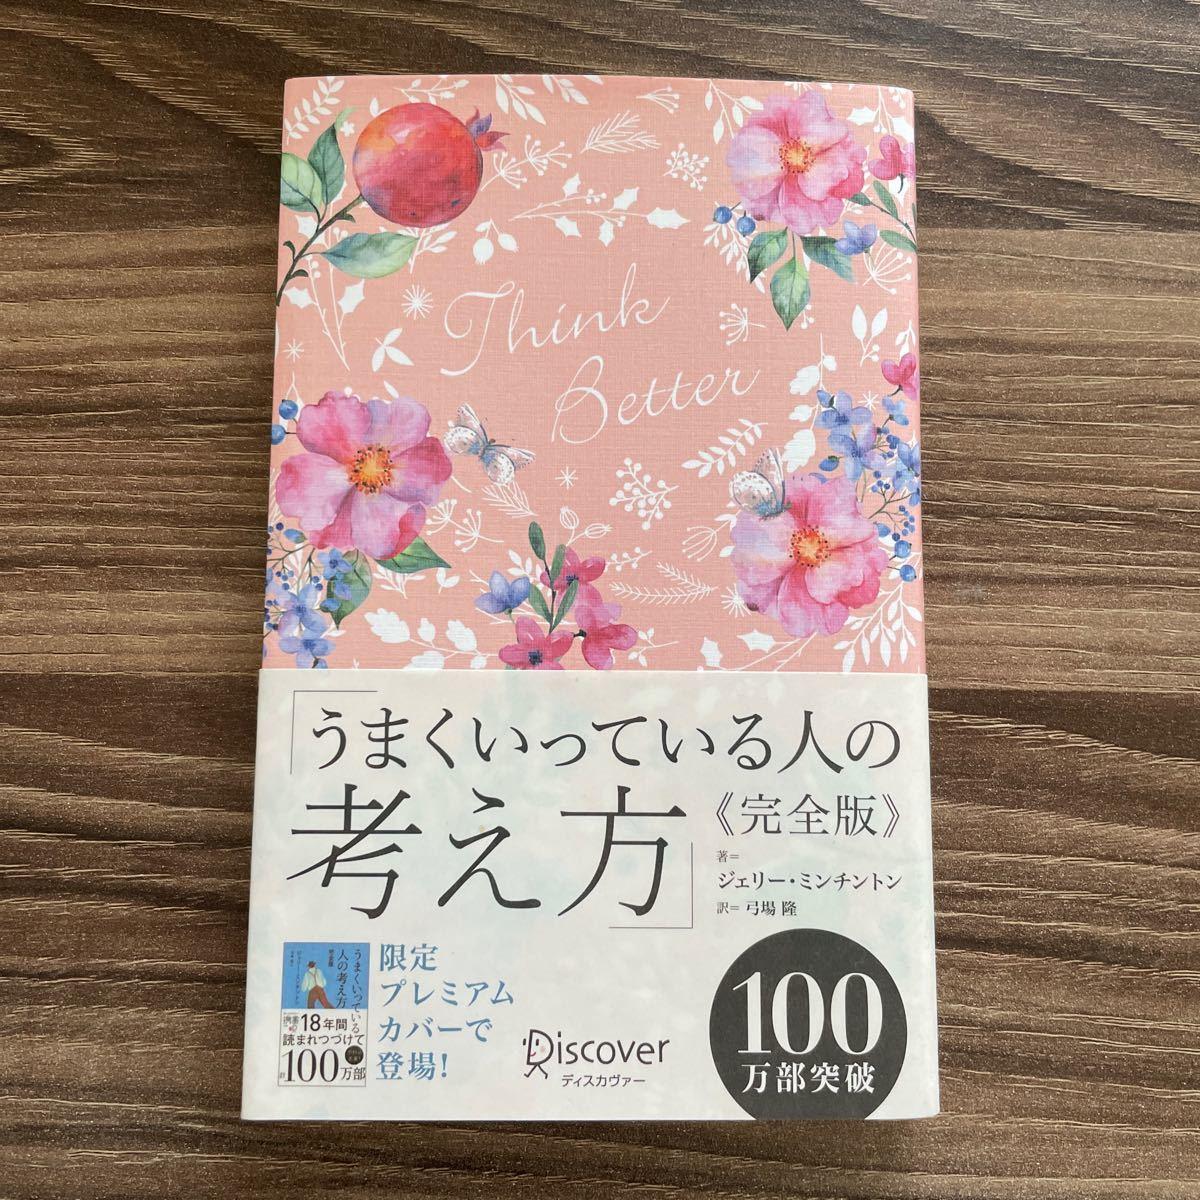 うまくいっている人の考え方 完全版 花柄ピンク 限定プレミアムカバー /ジェリーミンチントン (著者) 弓場隆 (訳者)